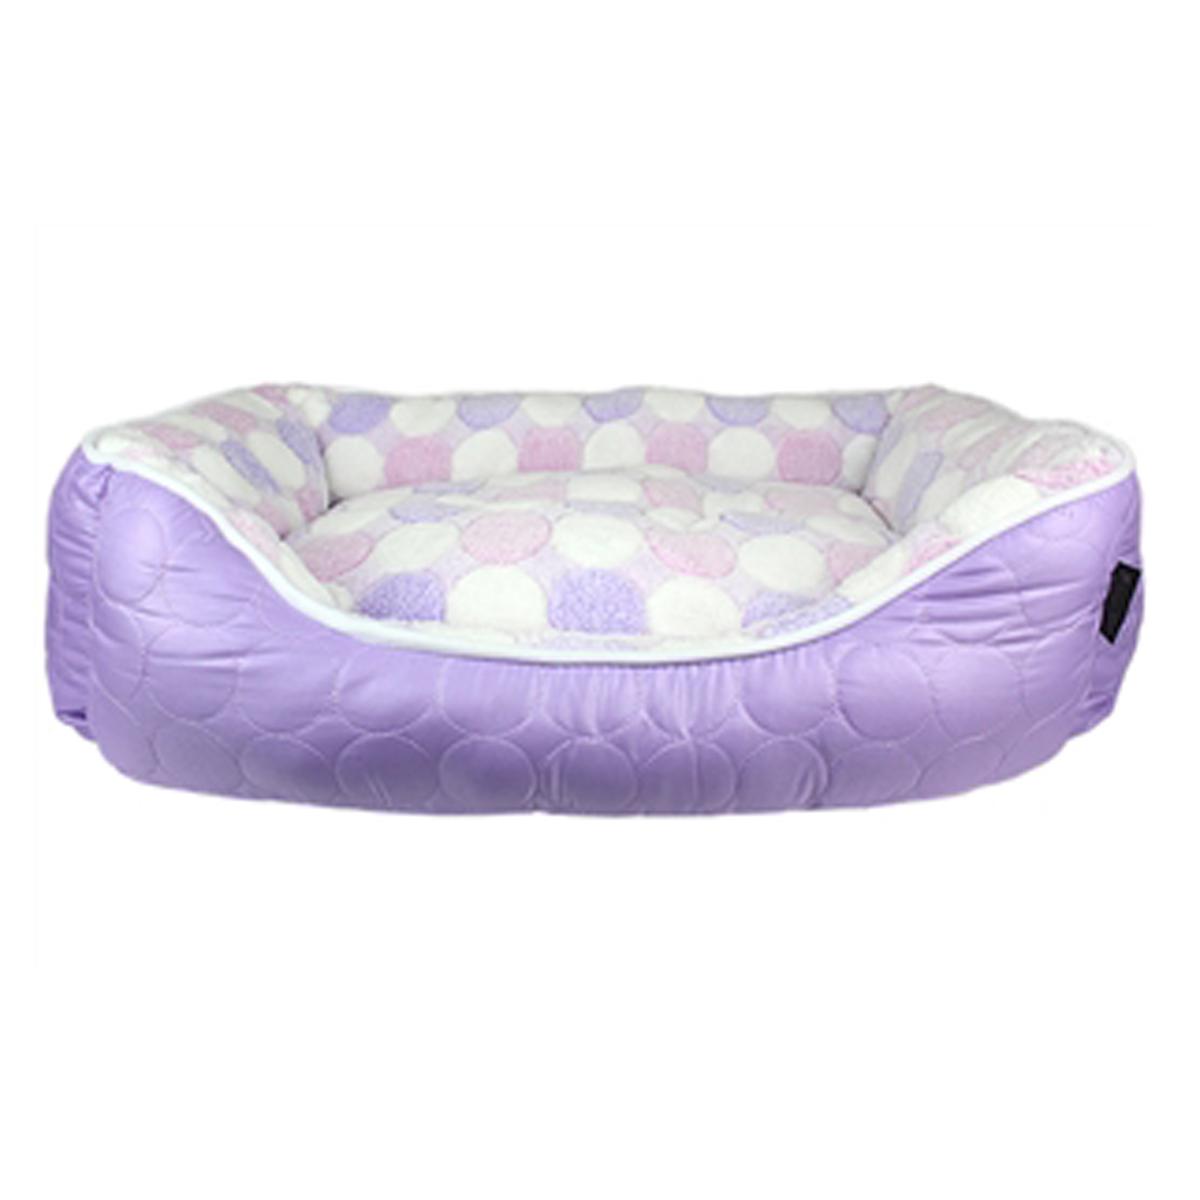 Parisian Pet Cotton Candy Pet Bed - Purple